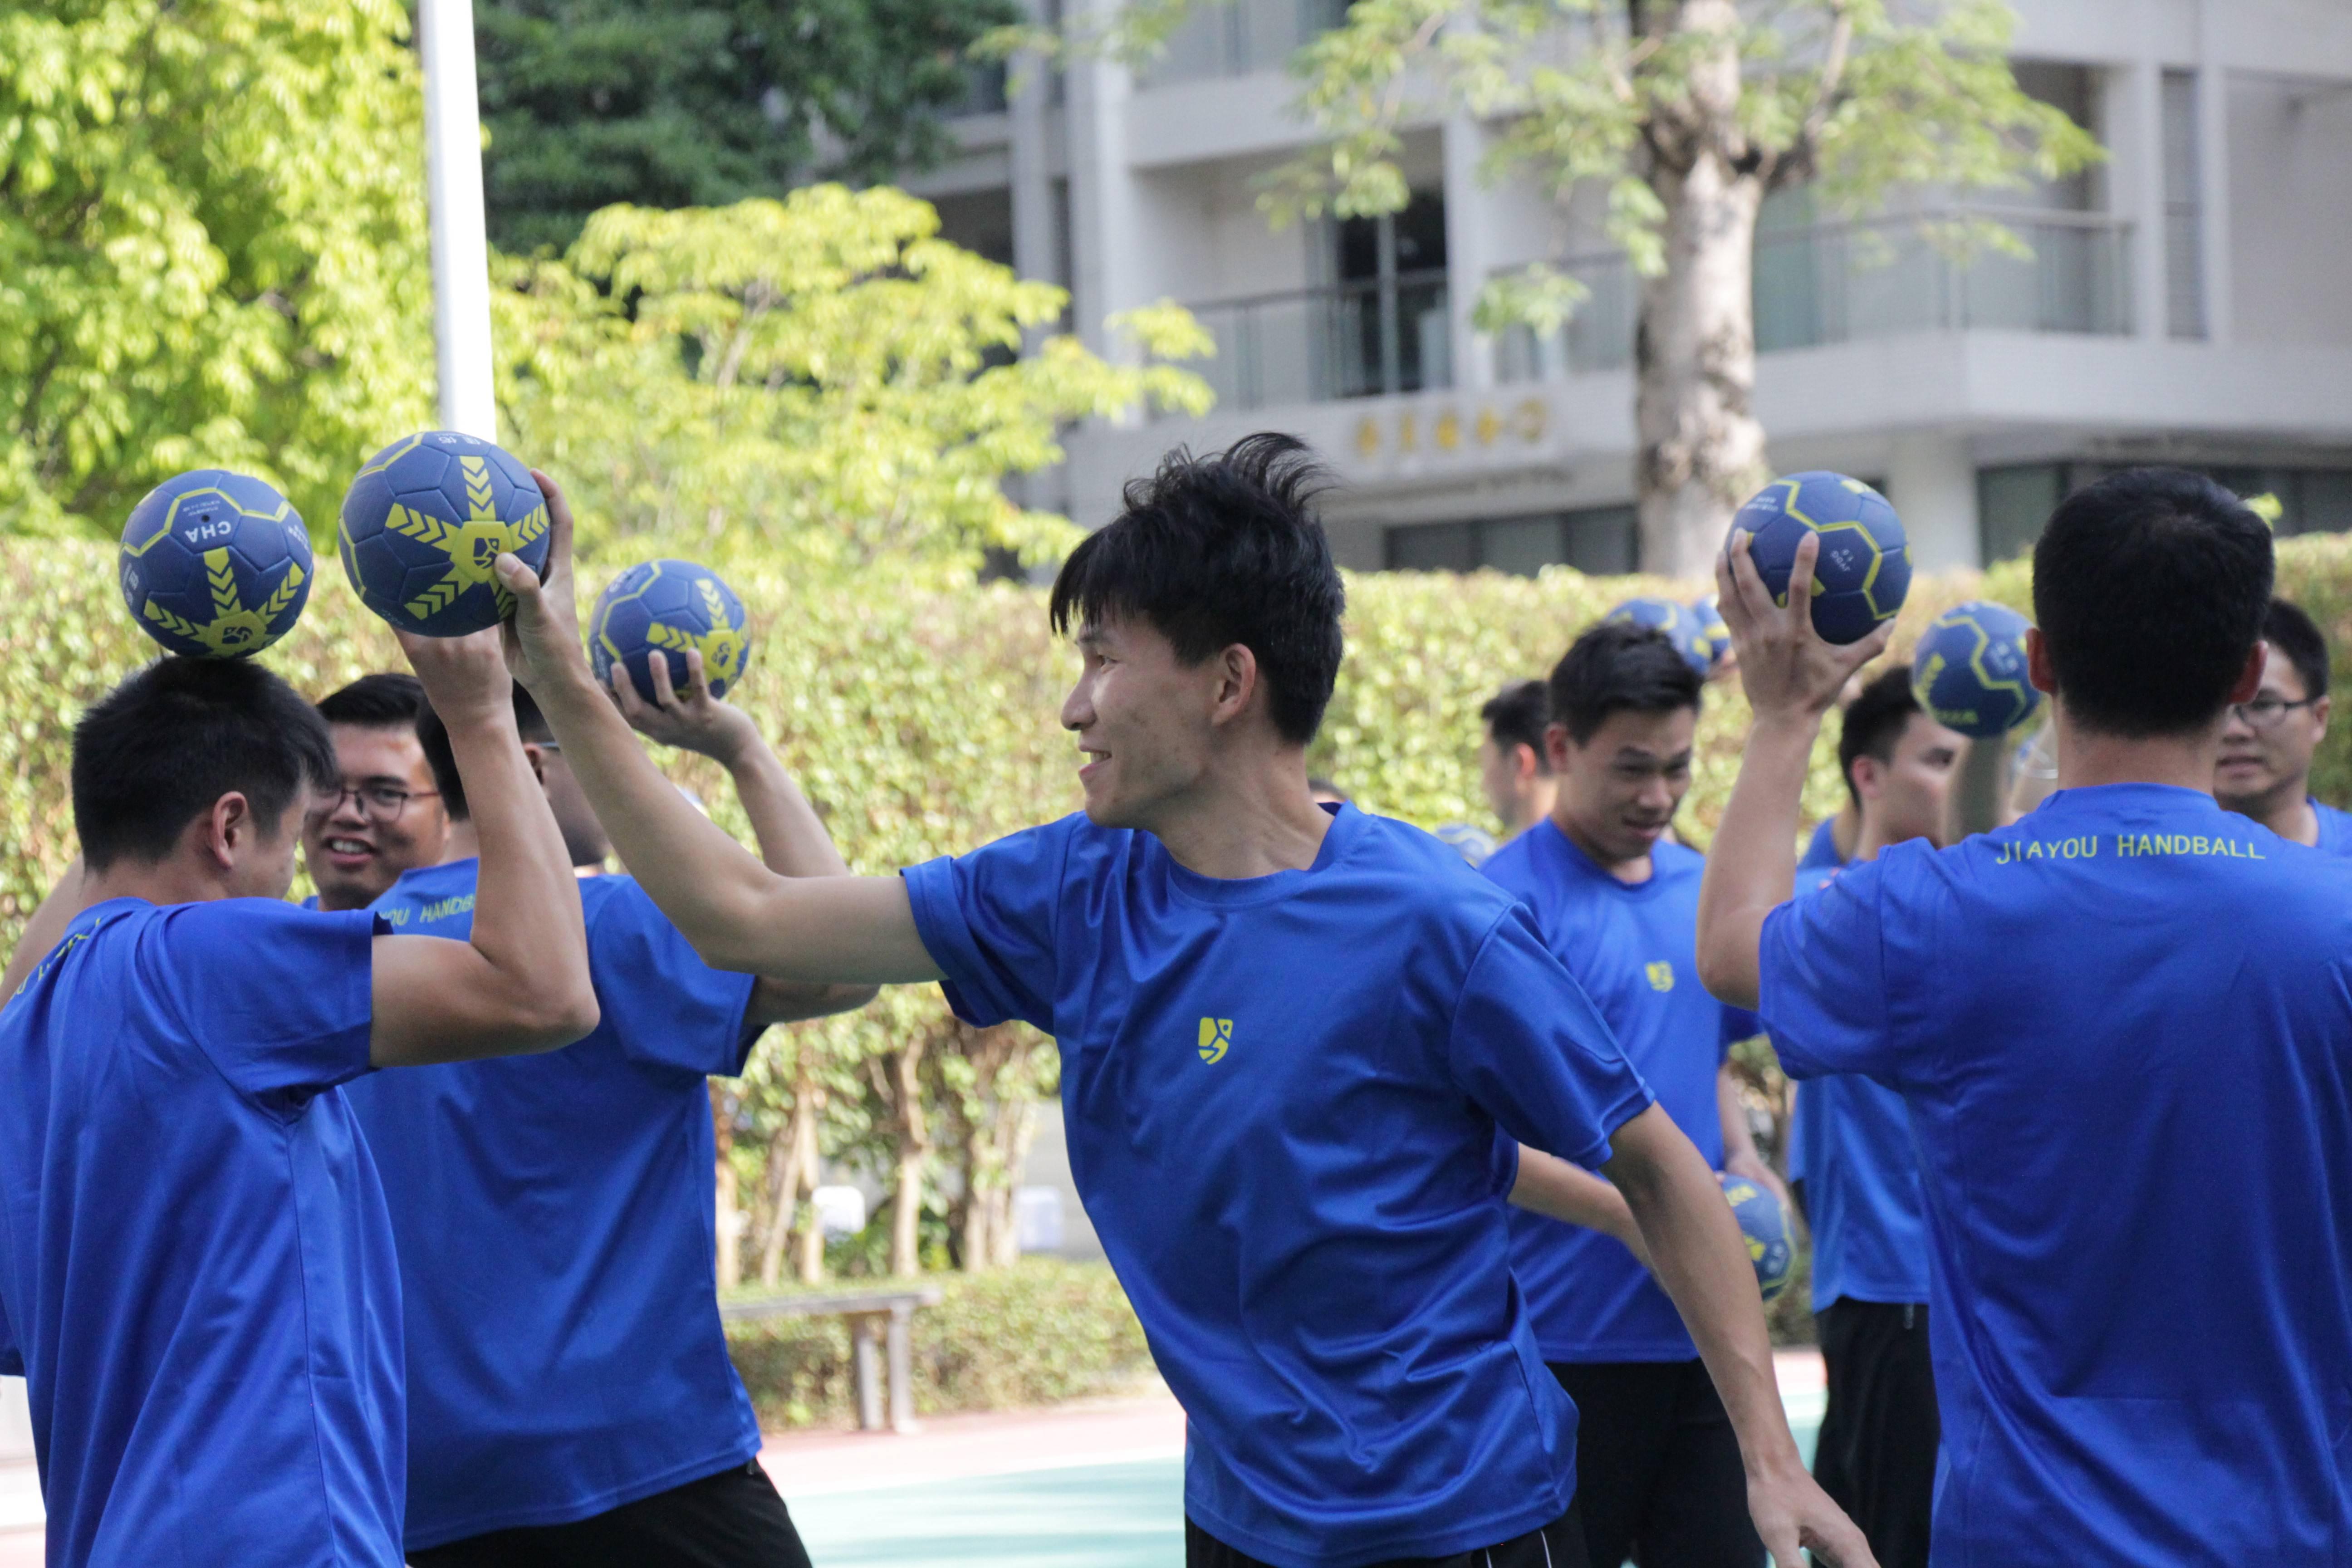 手球运动将走进东莞小学,体育教师集中接受手球培训